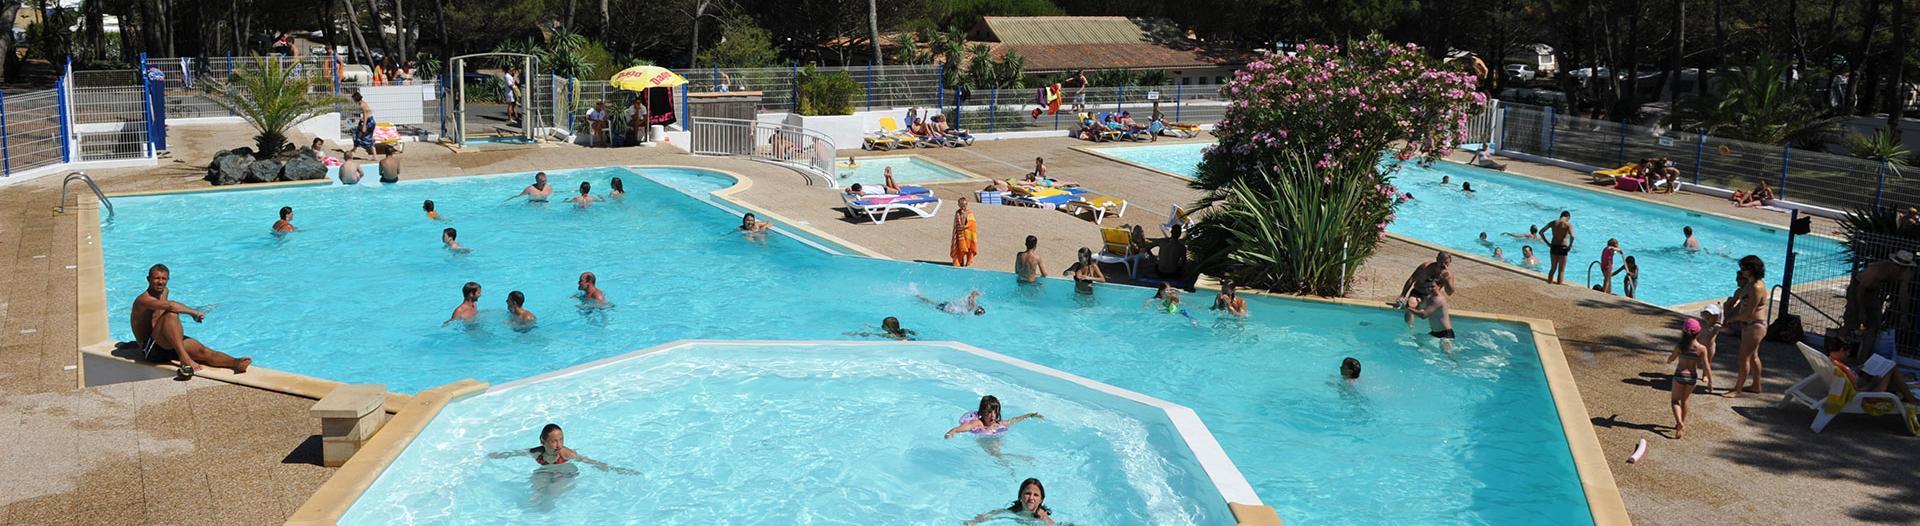 slider-camping-saint-martin-moliets-landes-piscine-enfants